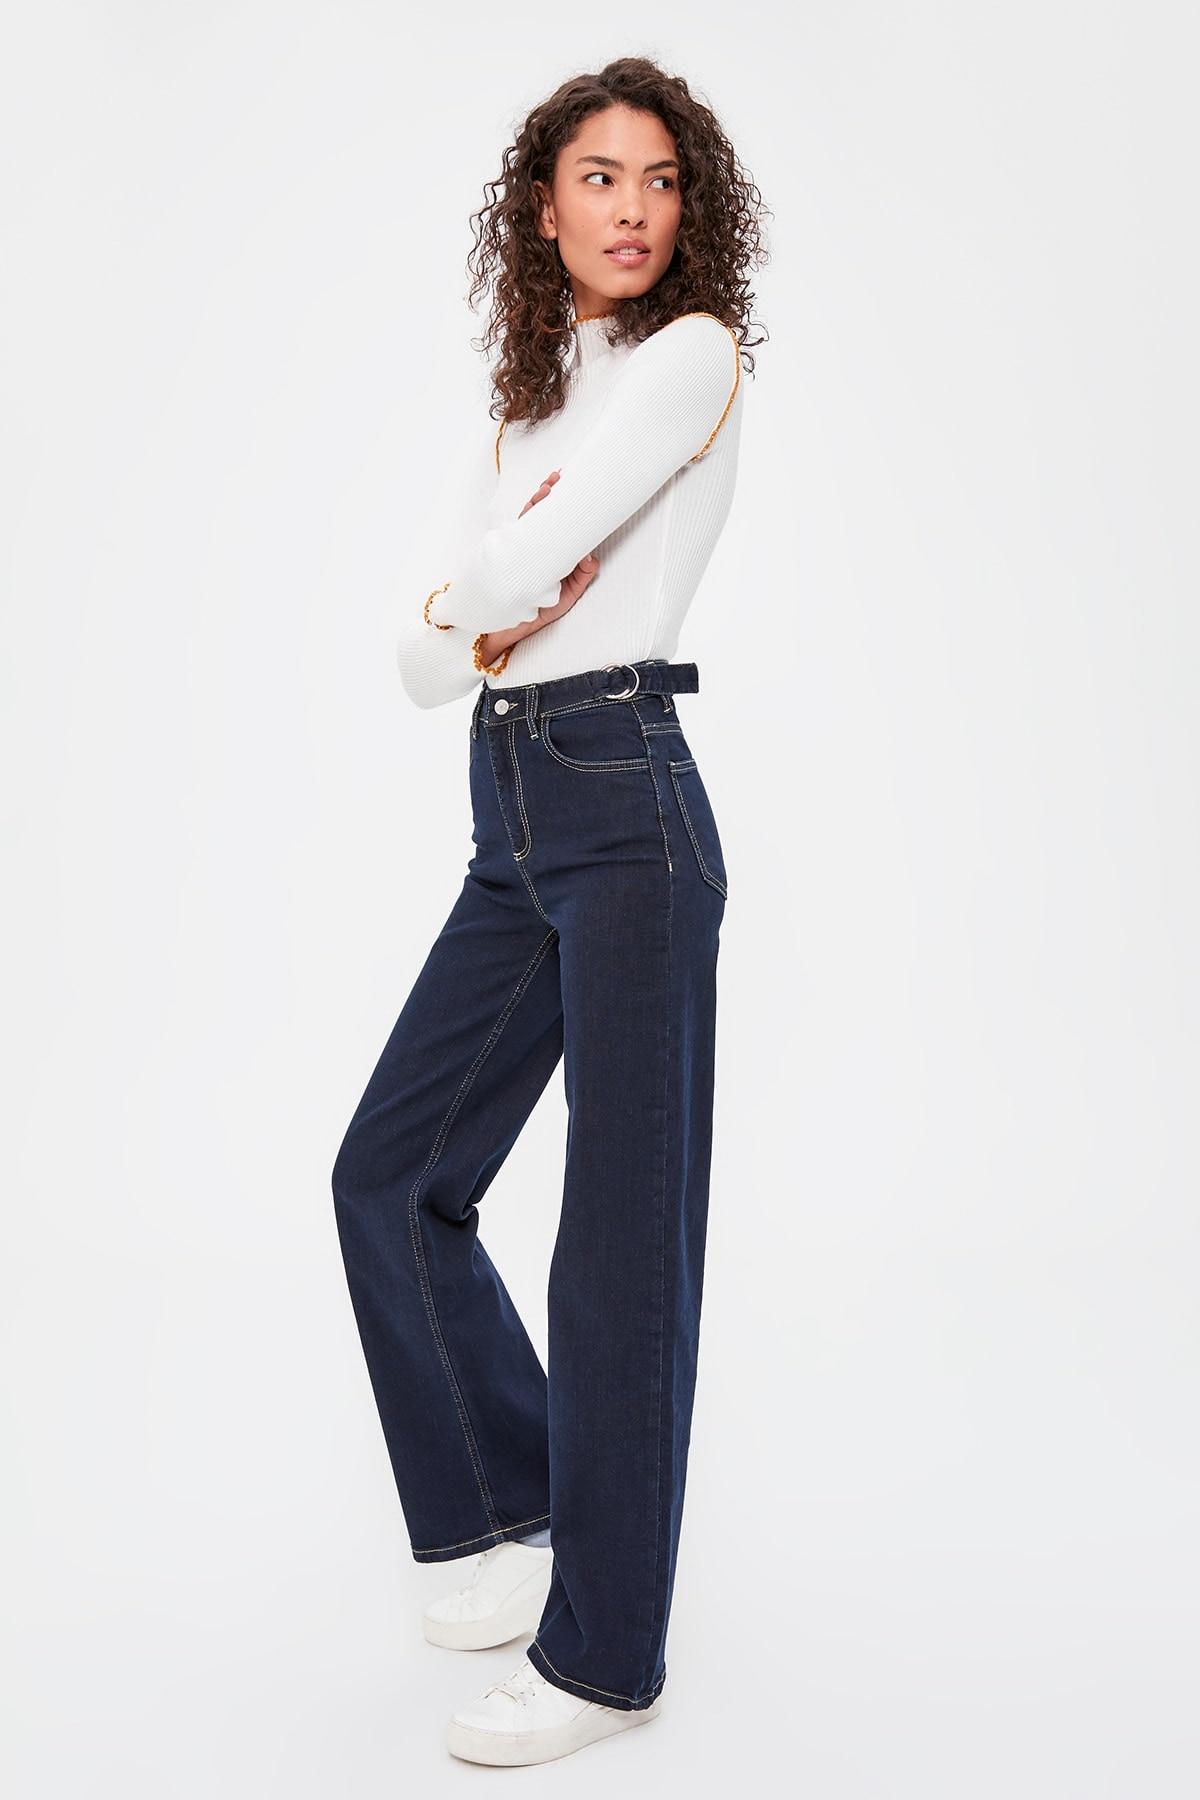 Trendyol Buckle Detail High Bel Wide Leg Jeans TWOAW20JE0184